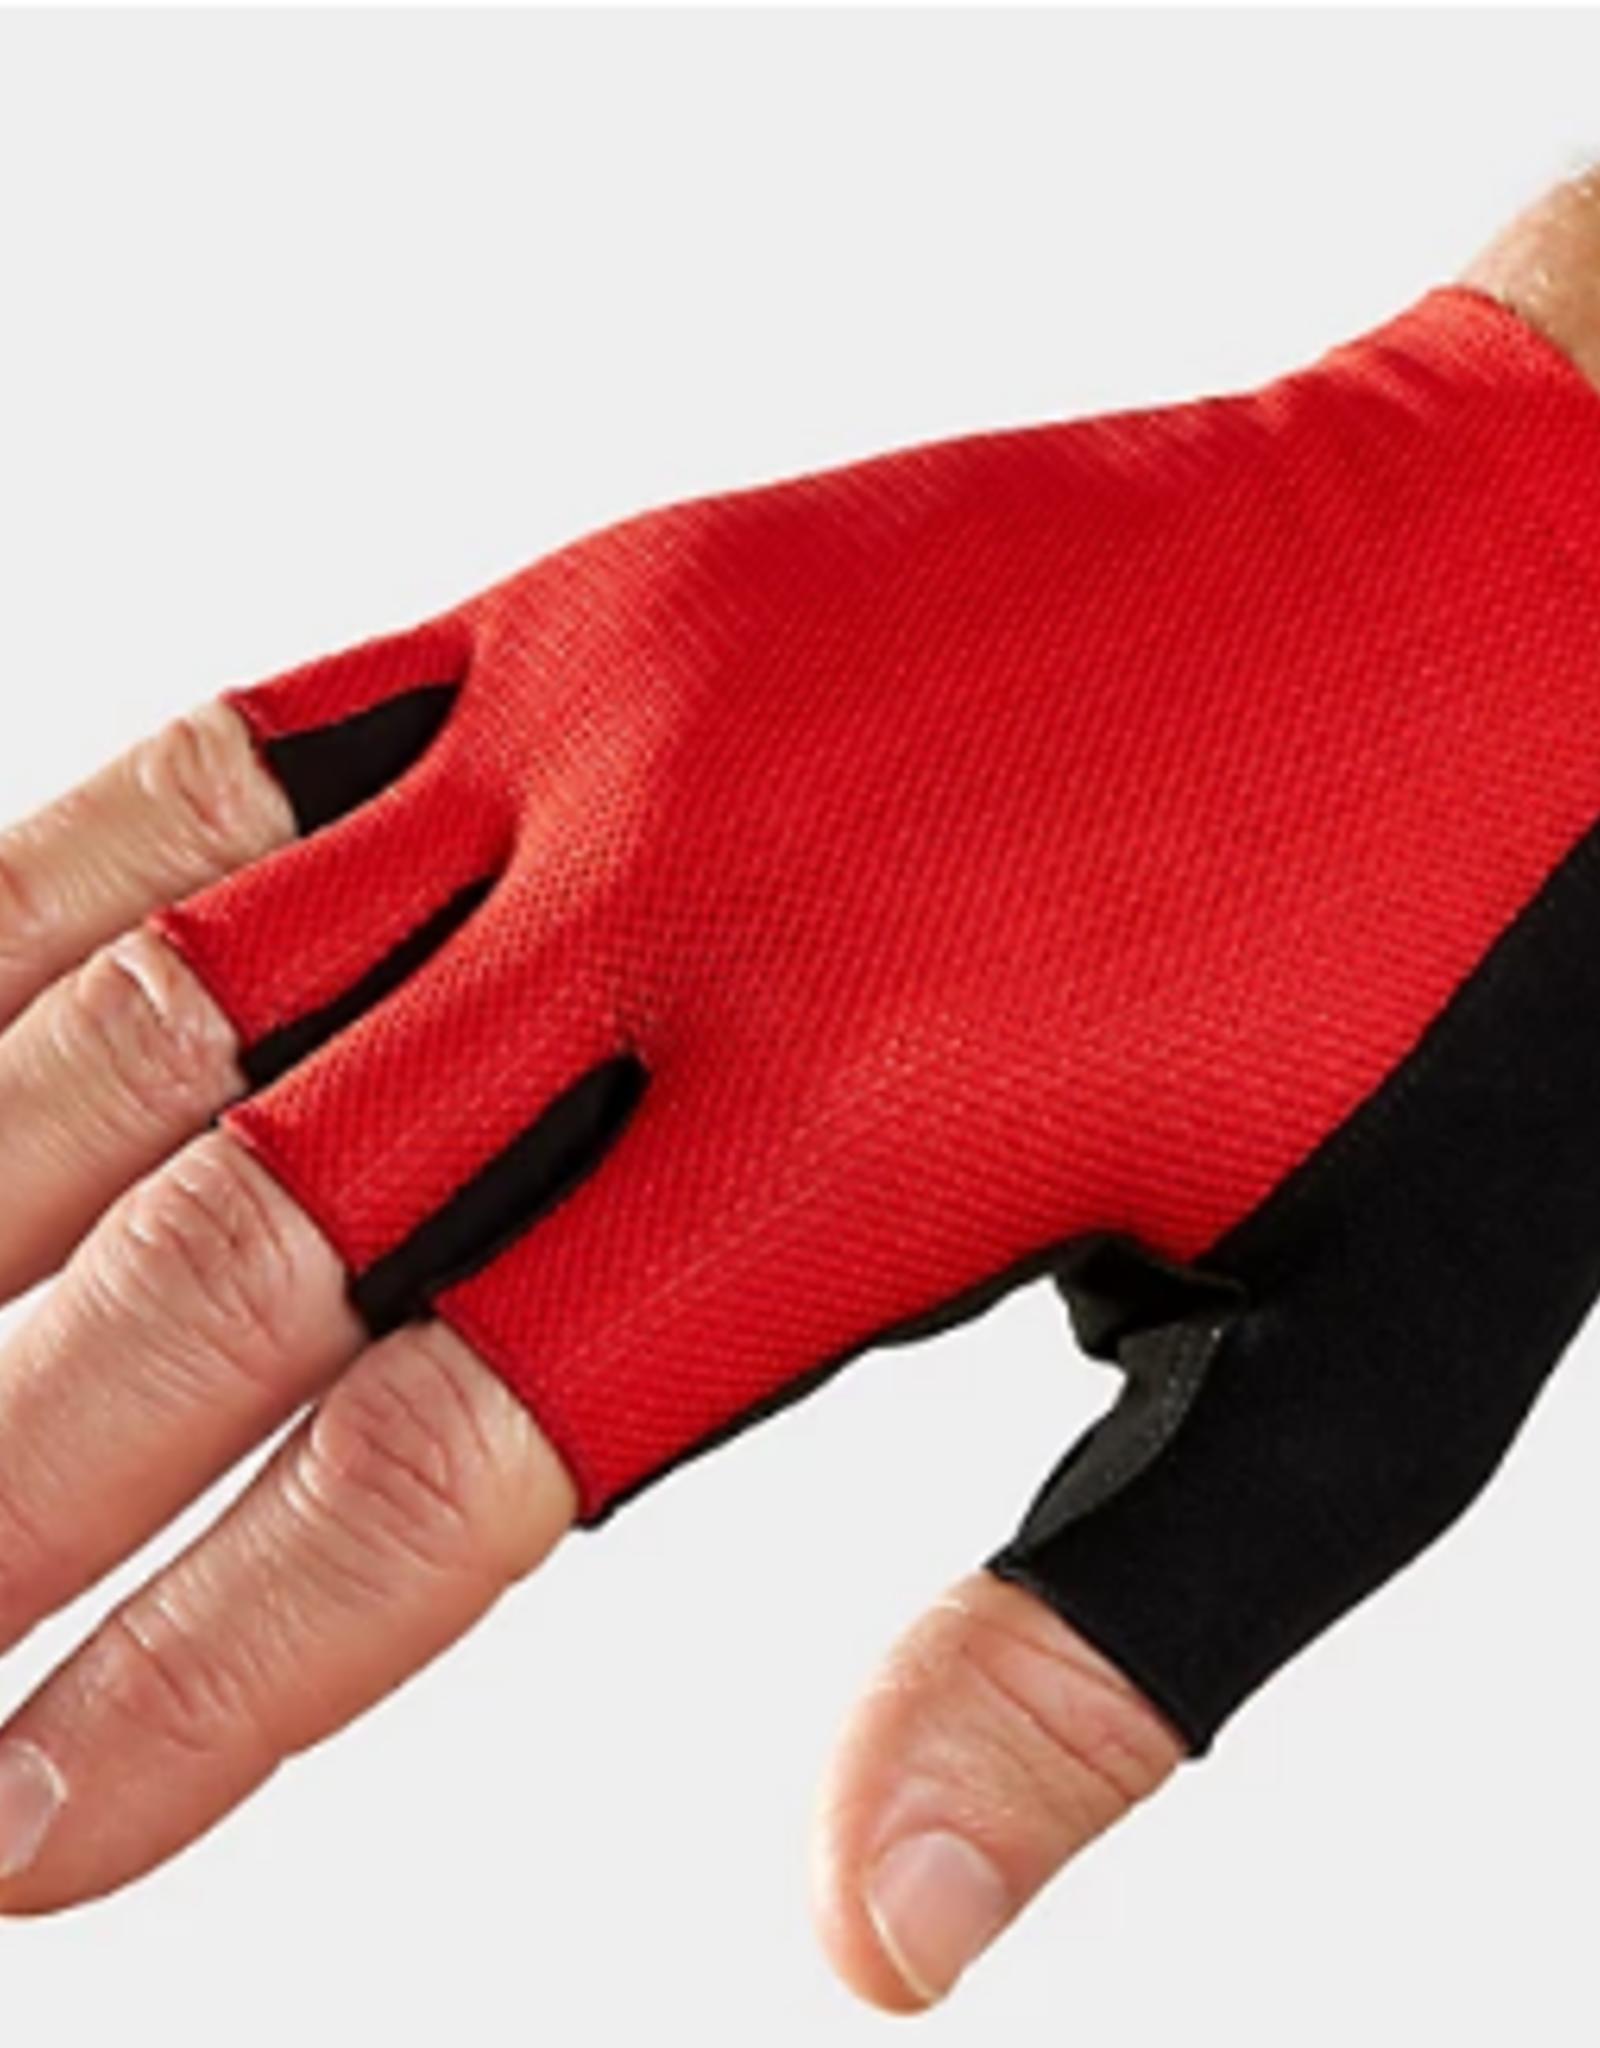 BONTRAGER Glove Bontrager Solstice Flat Bar Xx-Large Viper Red